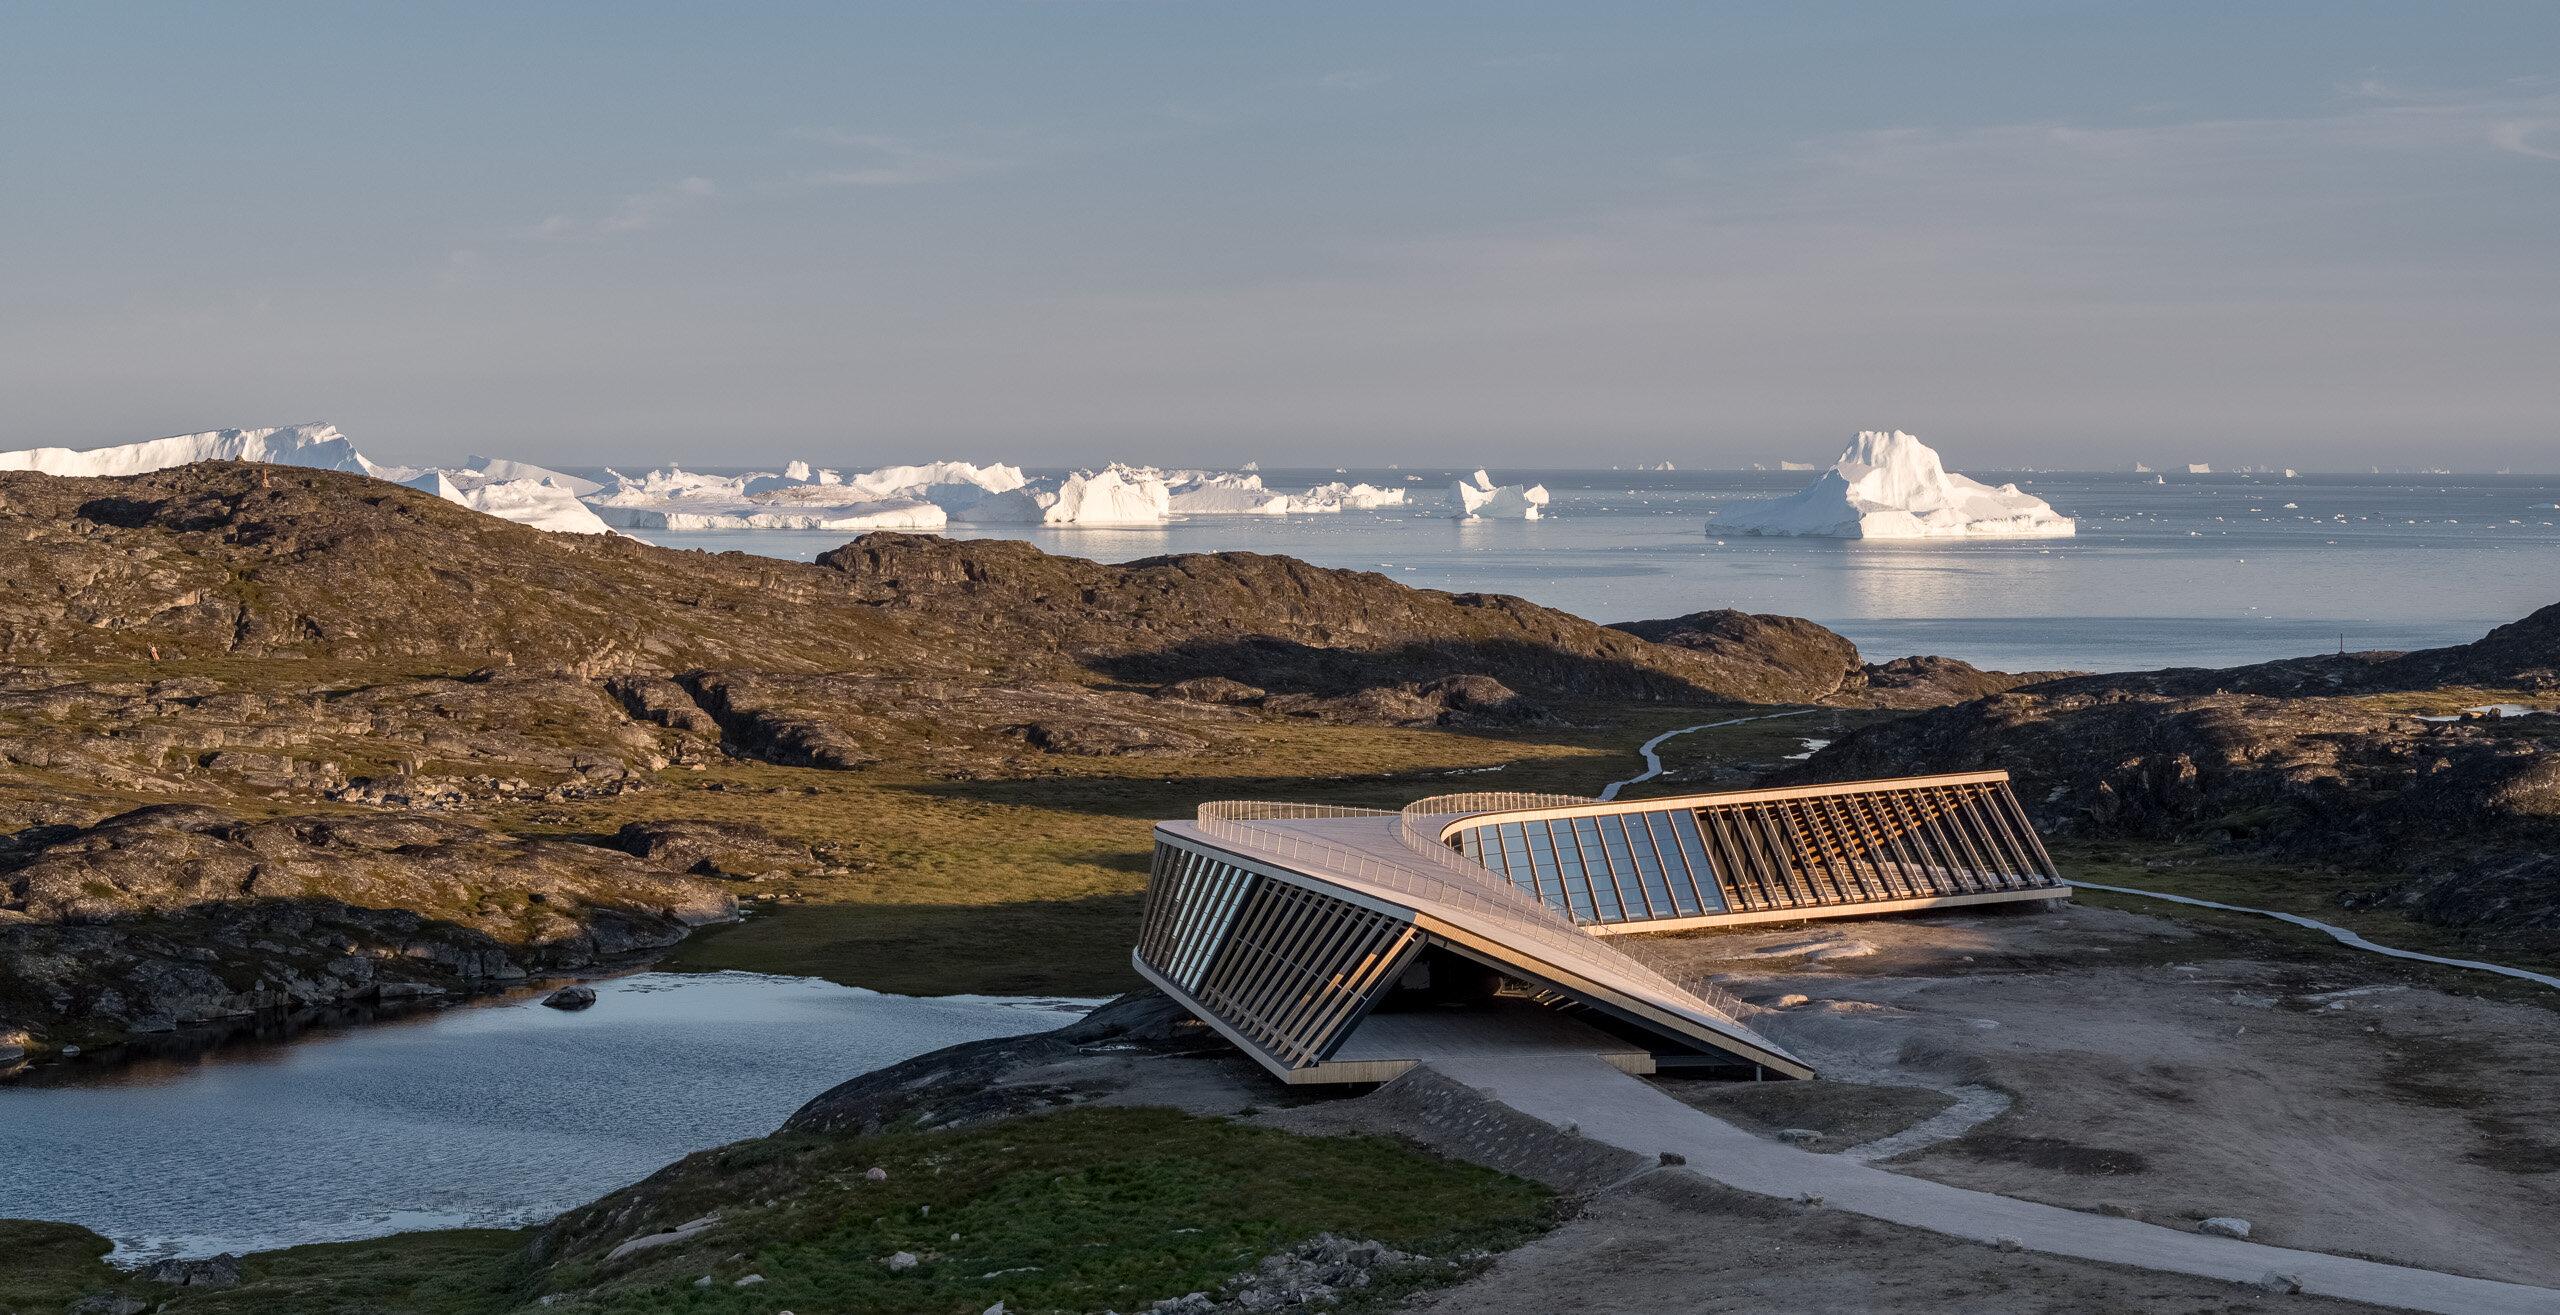 Ilulissat Icefjord Centre photo credit Adam_Mork